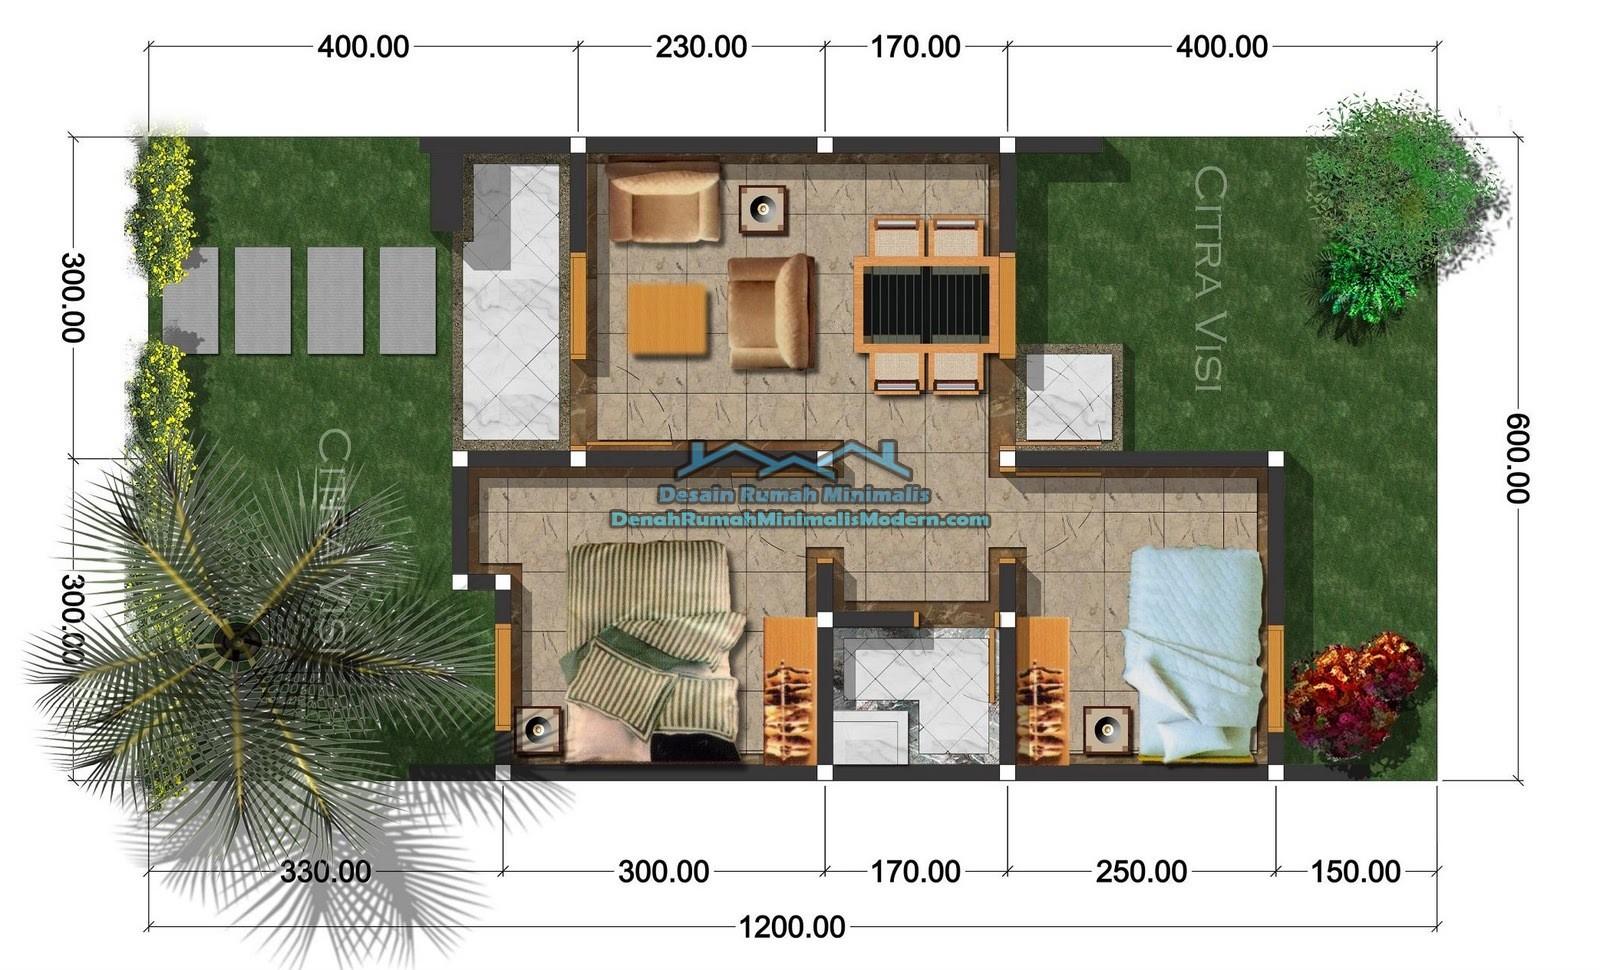 Kleine Häuser Grundrisse With Haus Entwurf: Grundriss Design ...